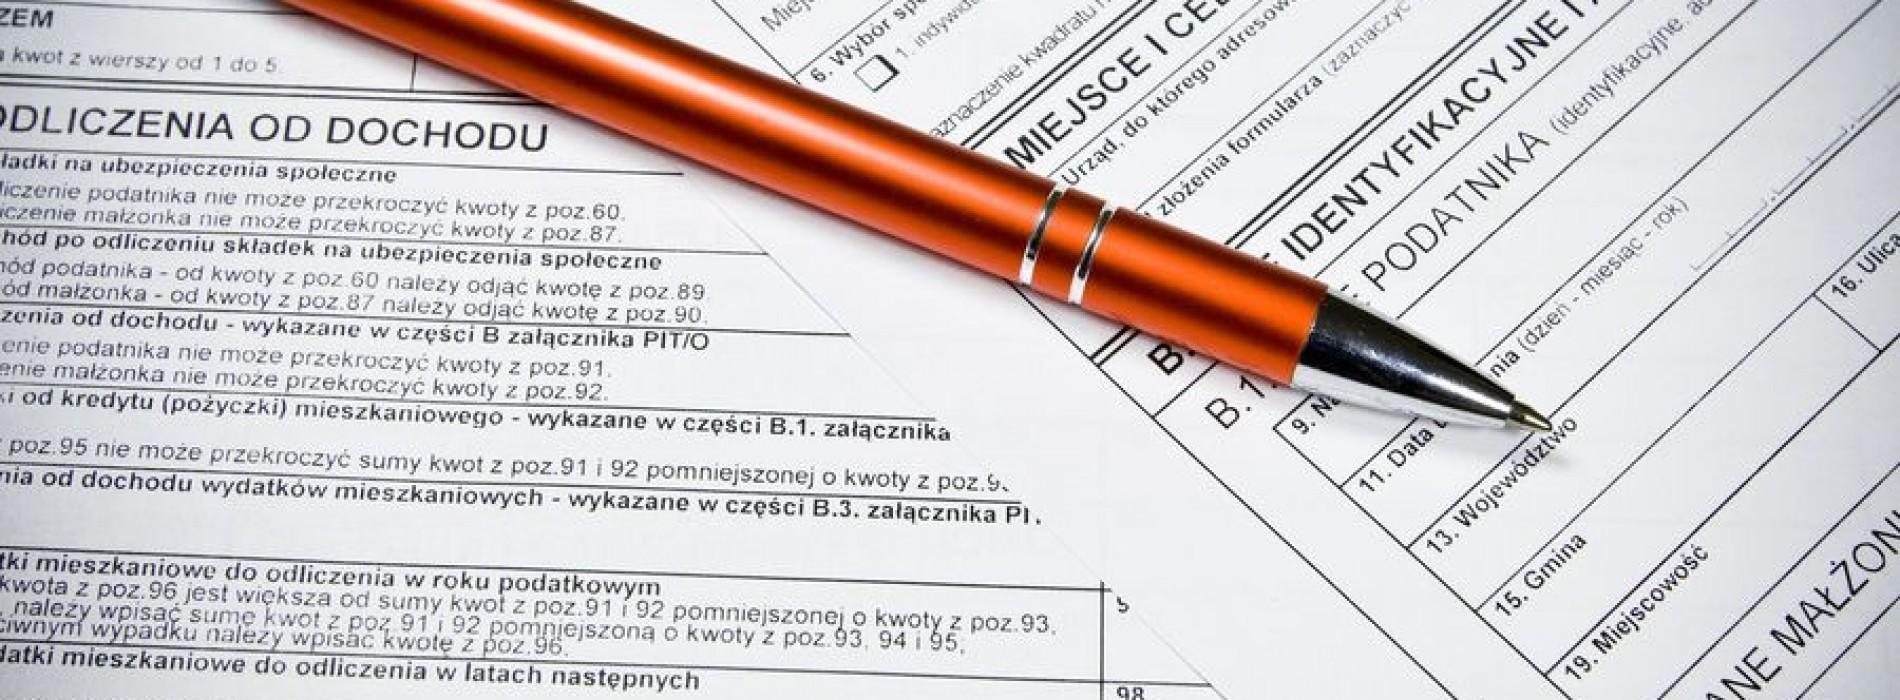 Do 18 kwietnia urzędy skarbowe wypełnią za podatników PIT